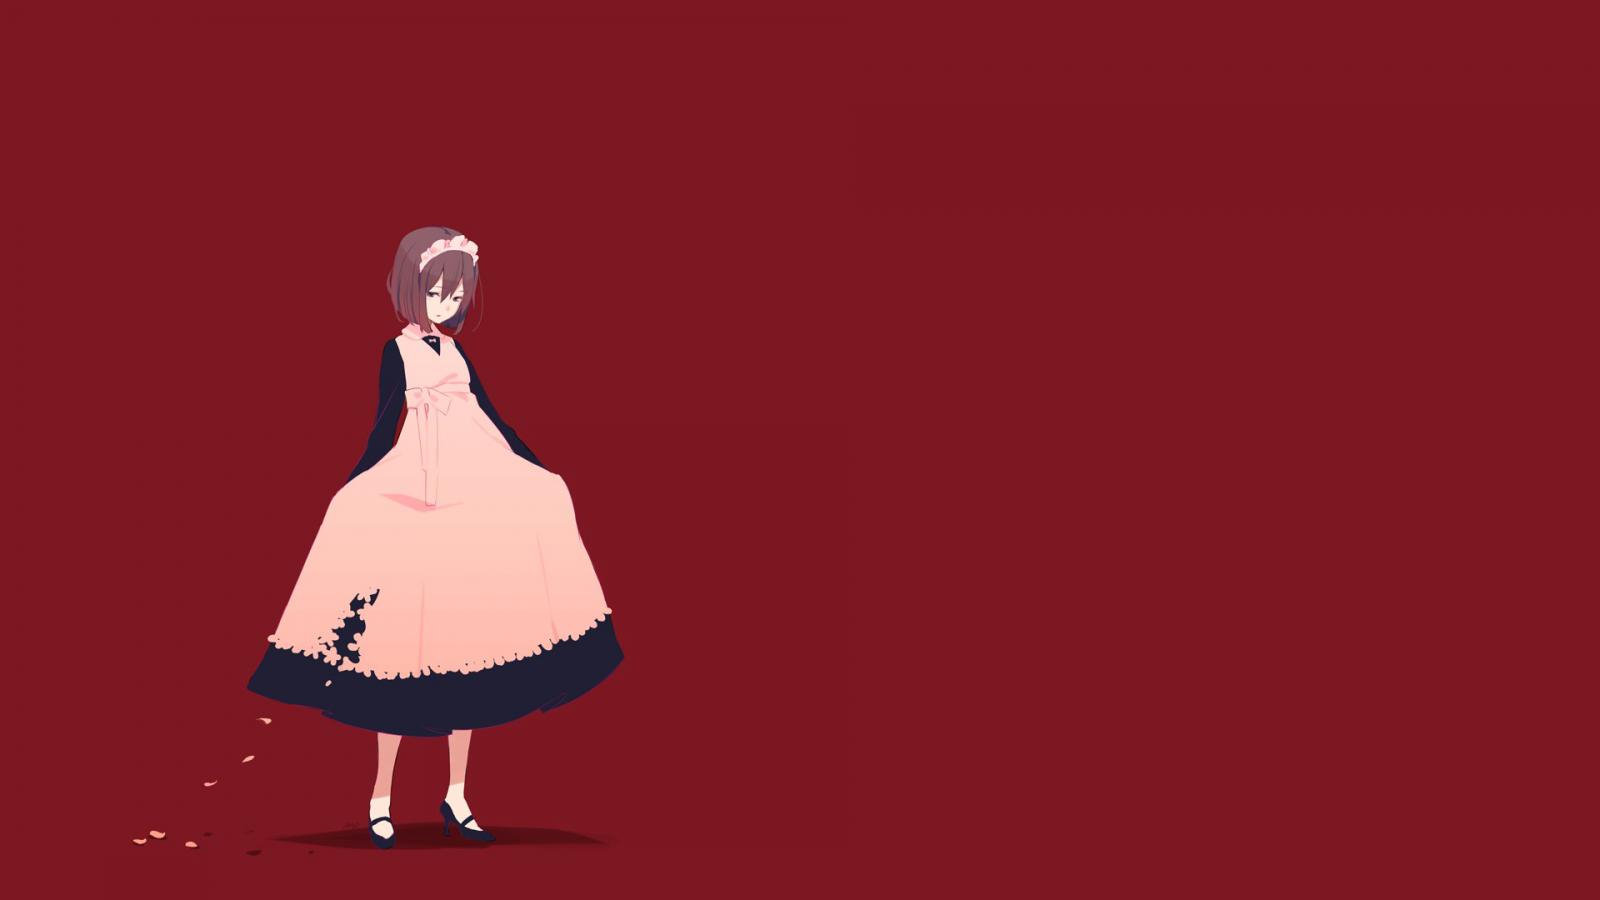 Hình nền màu đỏ anime girl